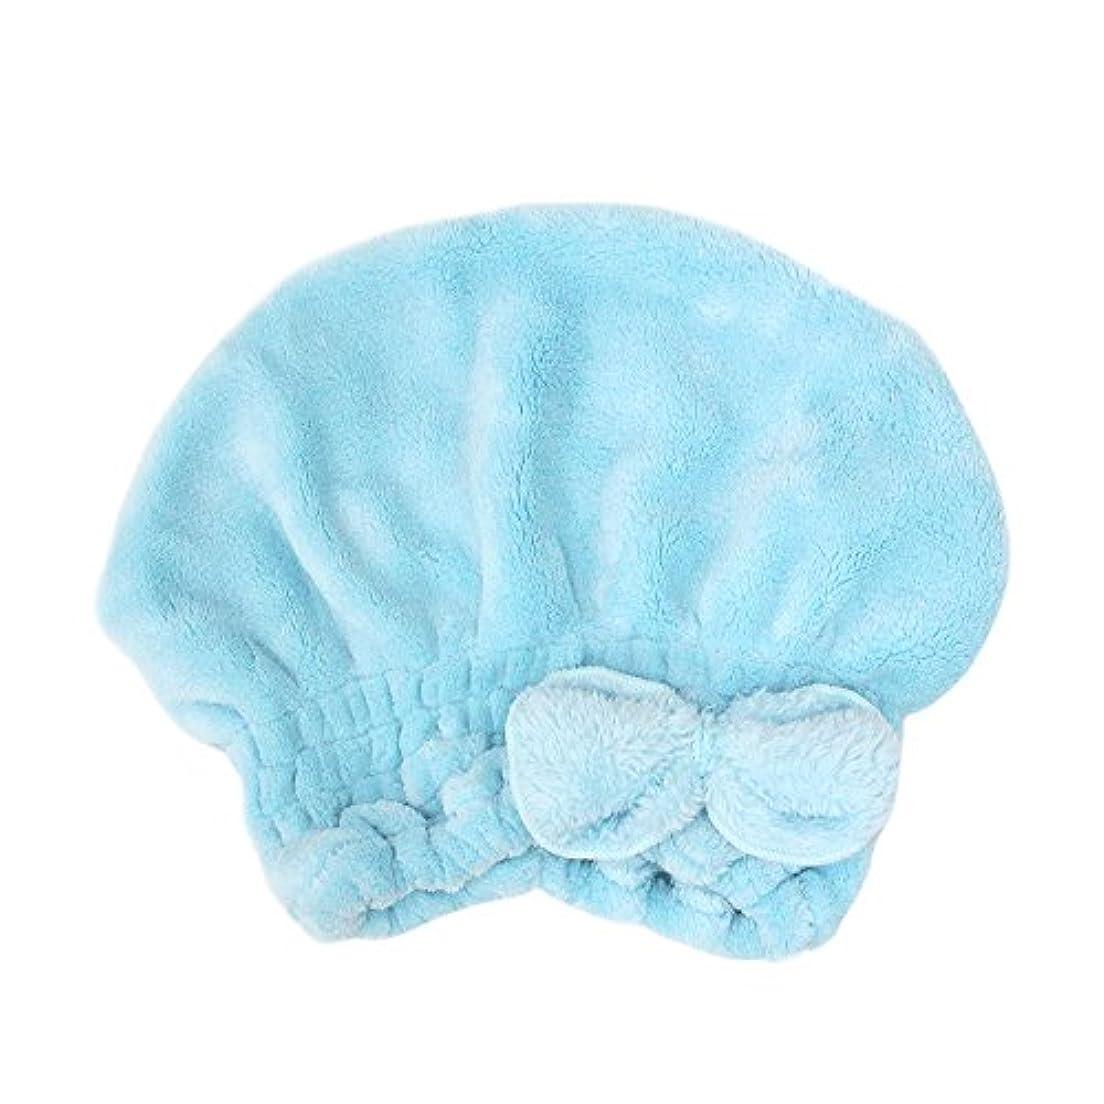 尋ねる無心レジキャップ プール タオルキャップ タオル 帽子 吸水性抜群 プール お風呂 ドライキャップ 風呂上りシャワー 速乾 時短ドライ ヘアキャップ スイミング キッズ 子ども 女の子 大人女子 6color (ライトブルー)